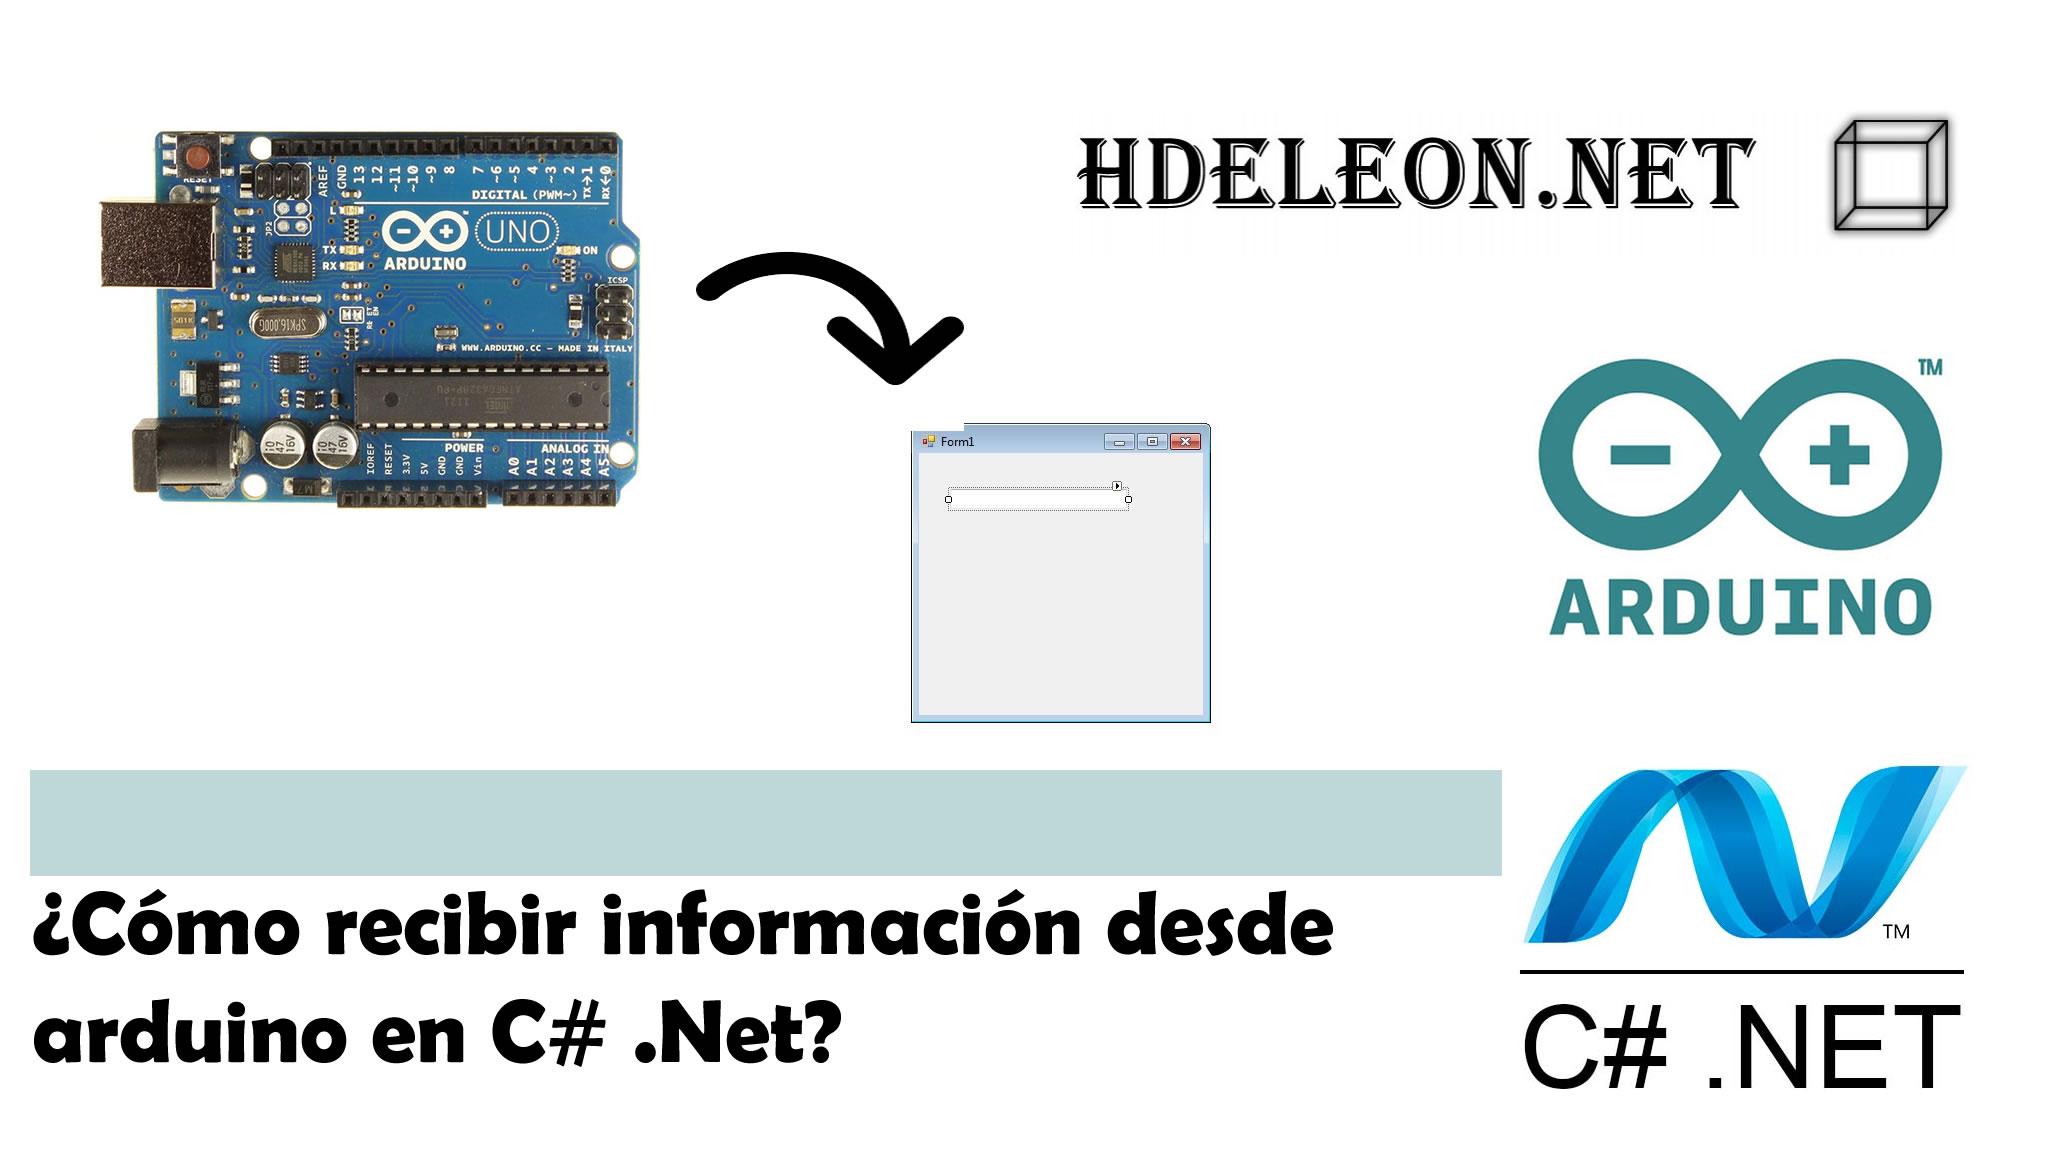 ¿Cómo recibir información desde arduino en C# .Net?, Windows Forms, WPF